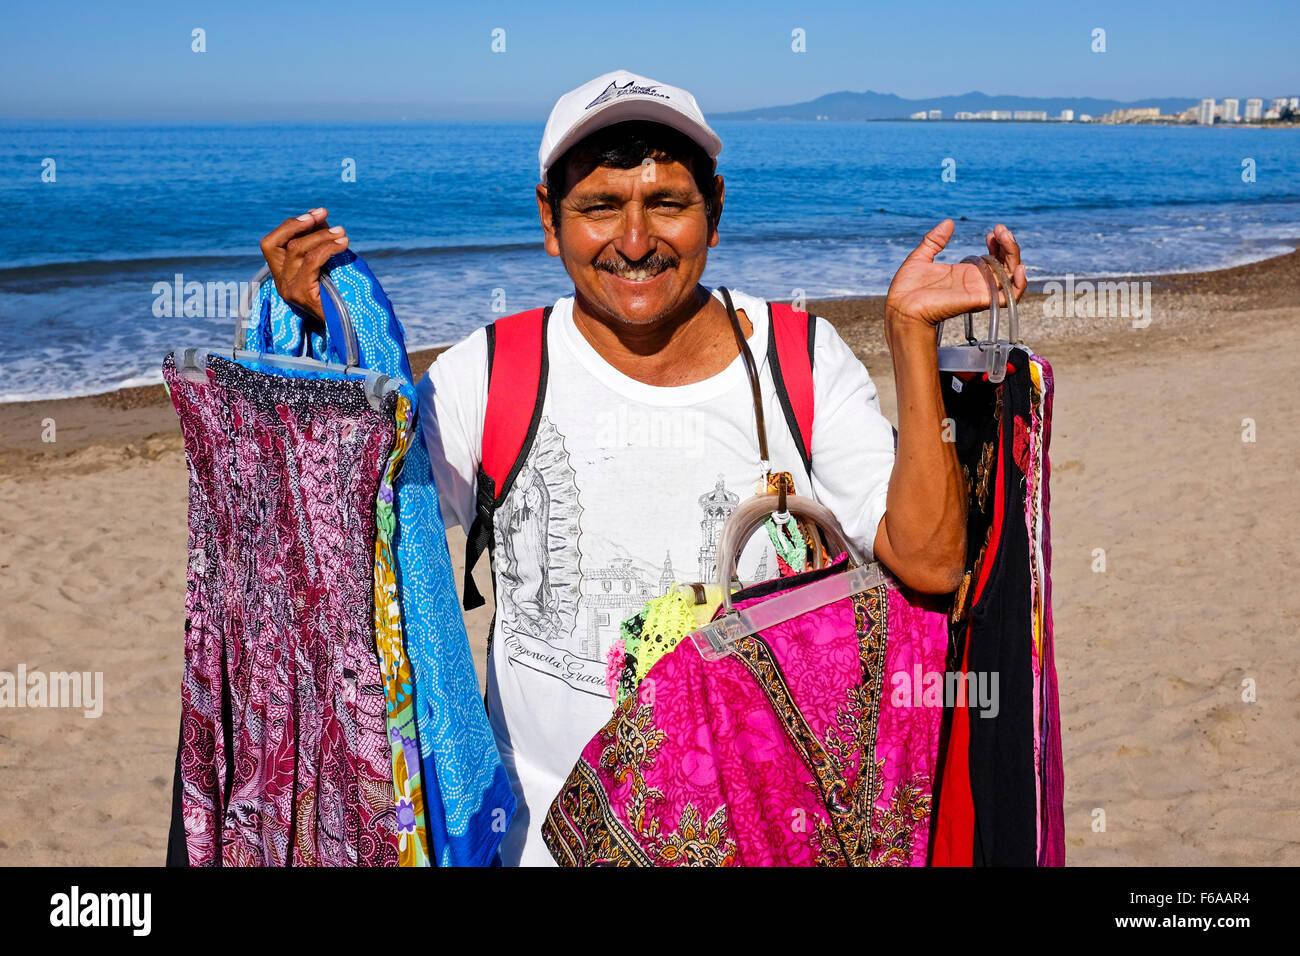 Hombre Venta De Vestidos Y Otras Prendas De Vestir En La